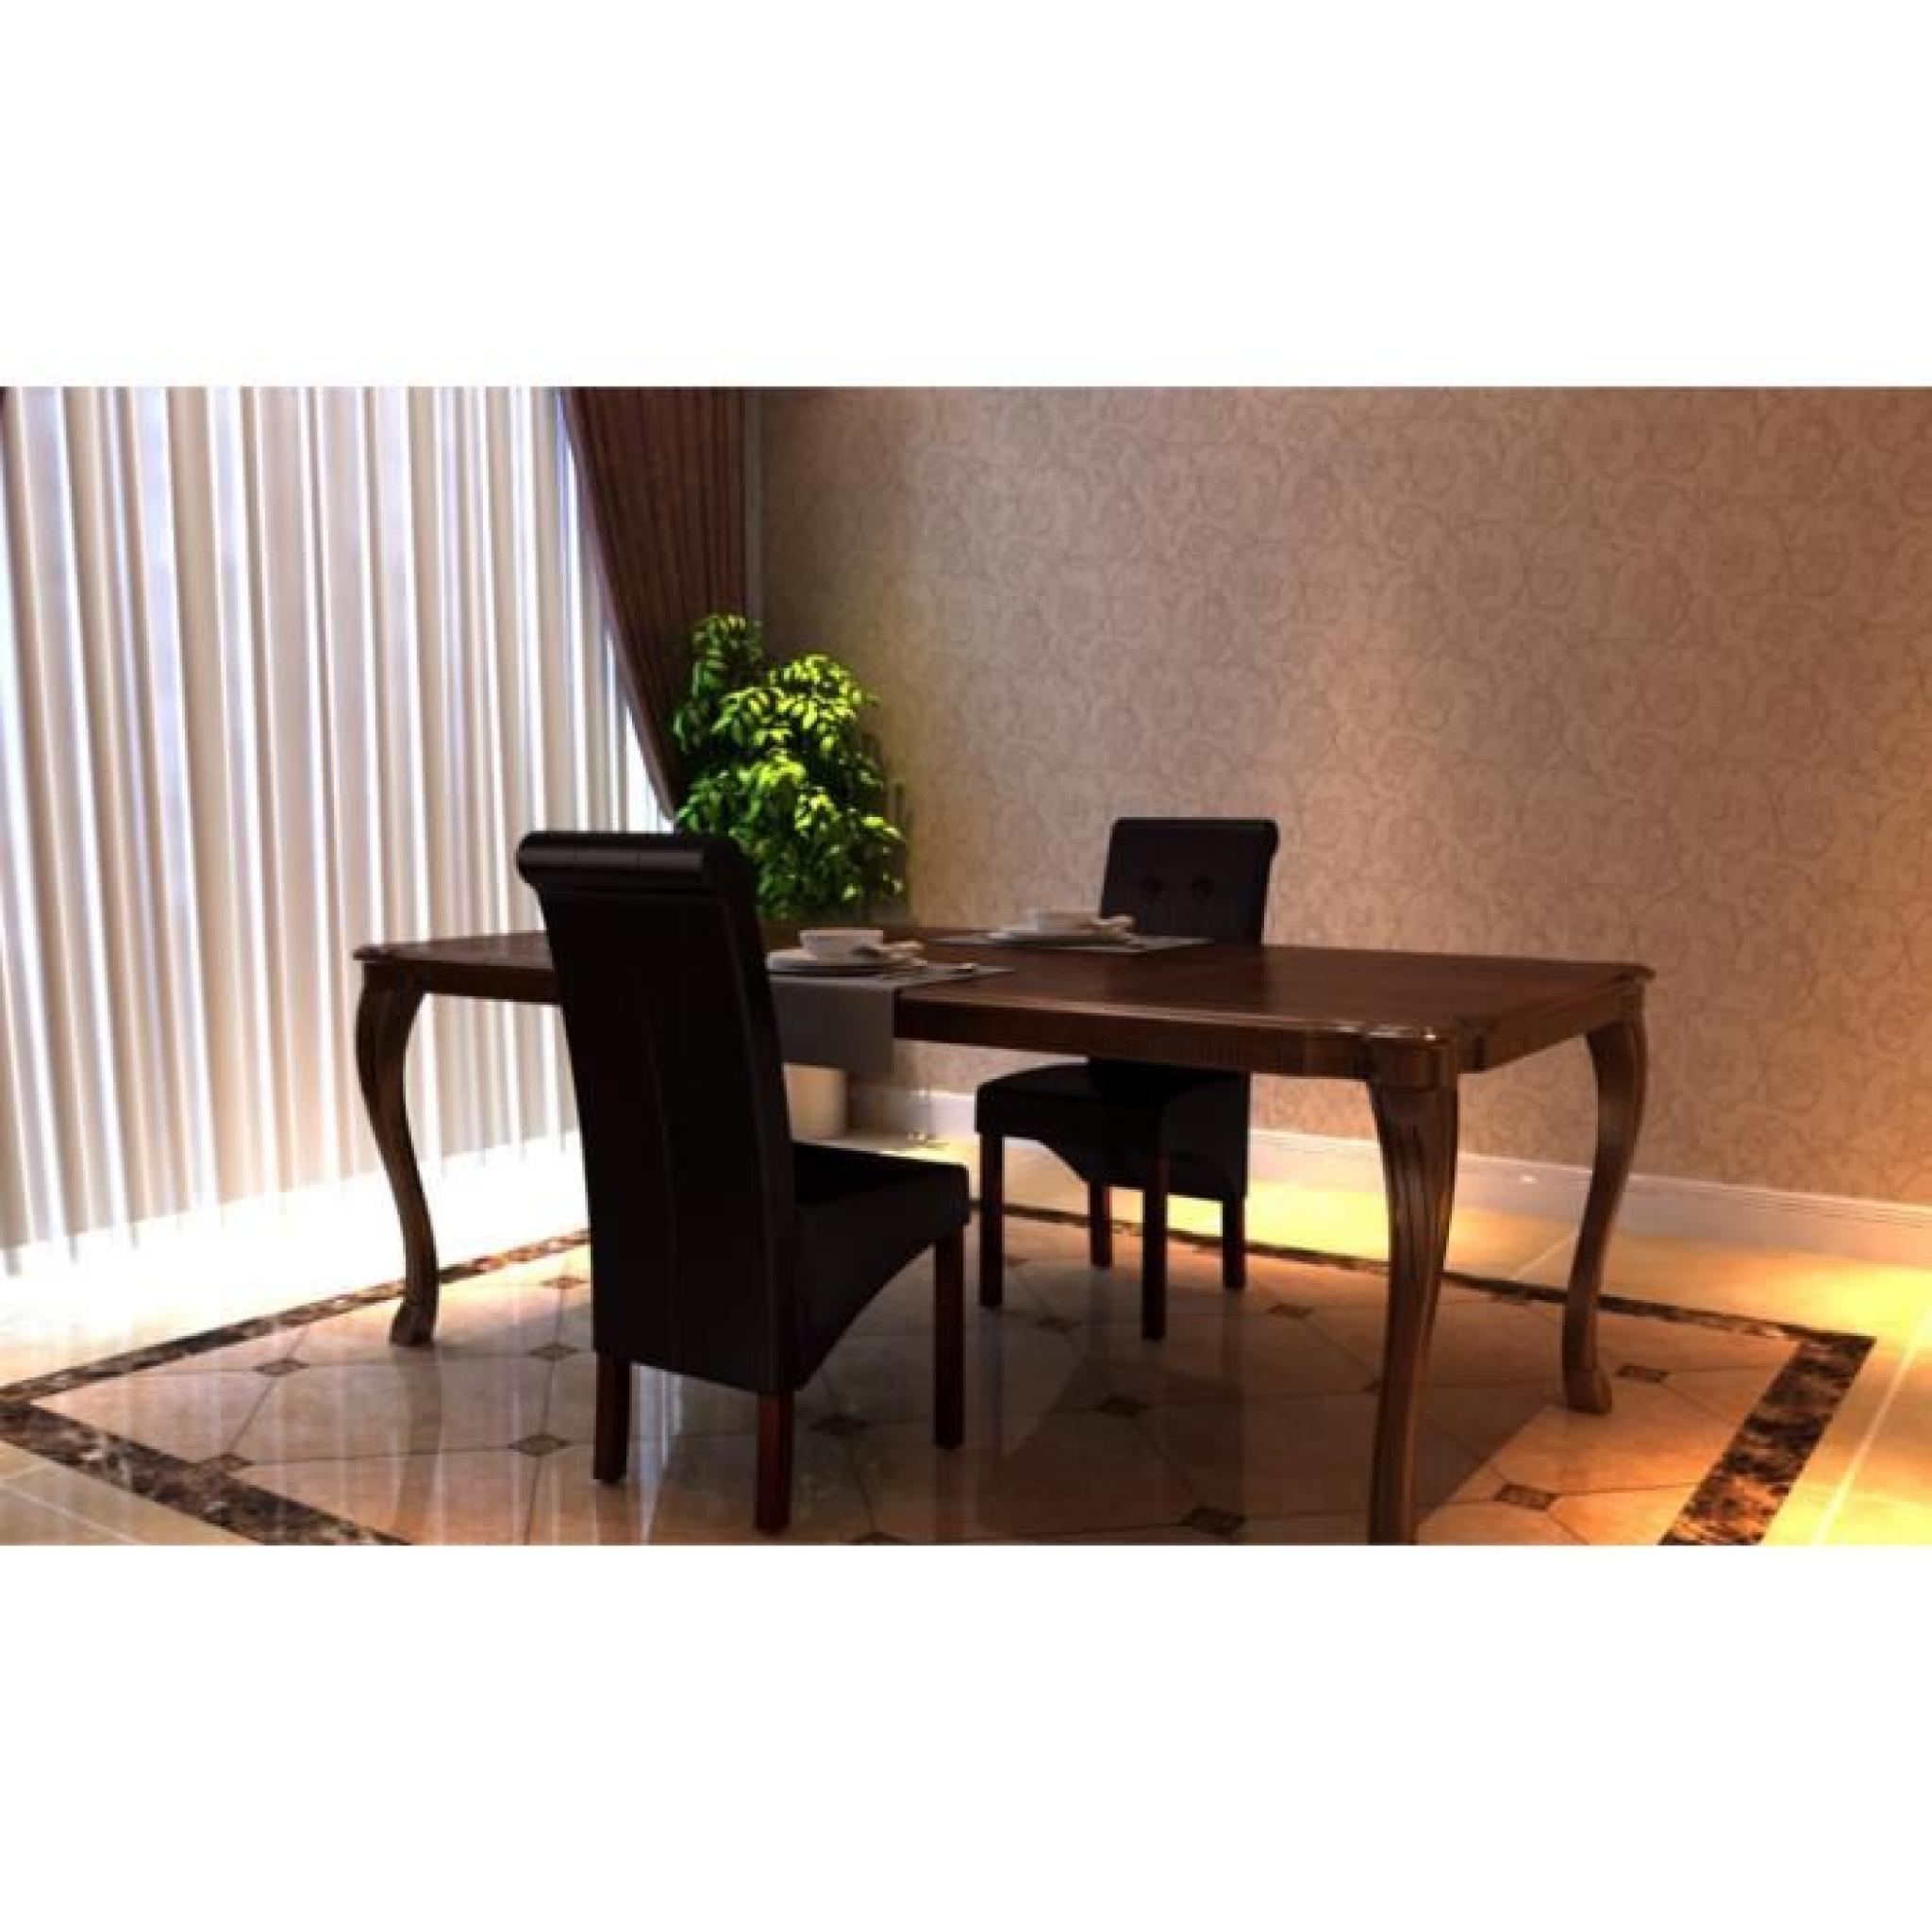 chaise antique marron lot de 2 achat vente chaise salle a manger pas cher couleur et. Black Bedroom Furniture Sets. Home Design Ideas